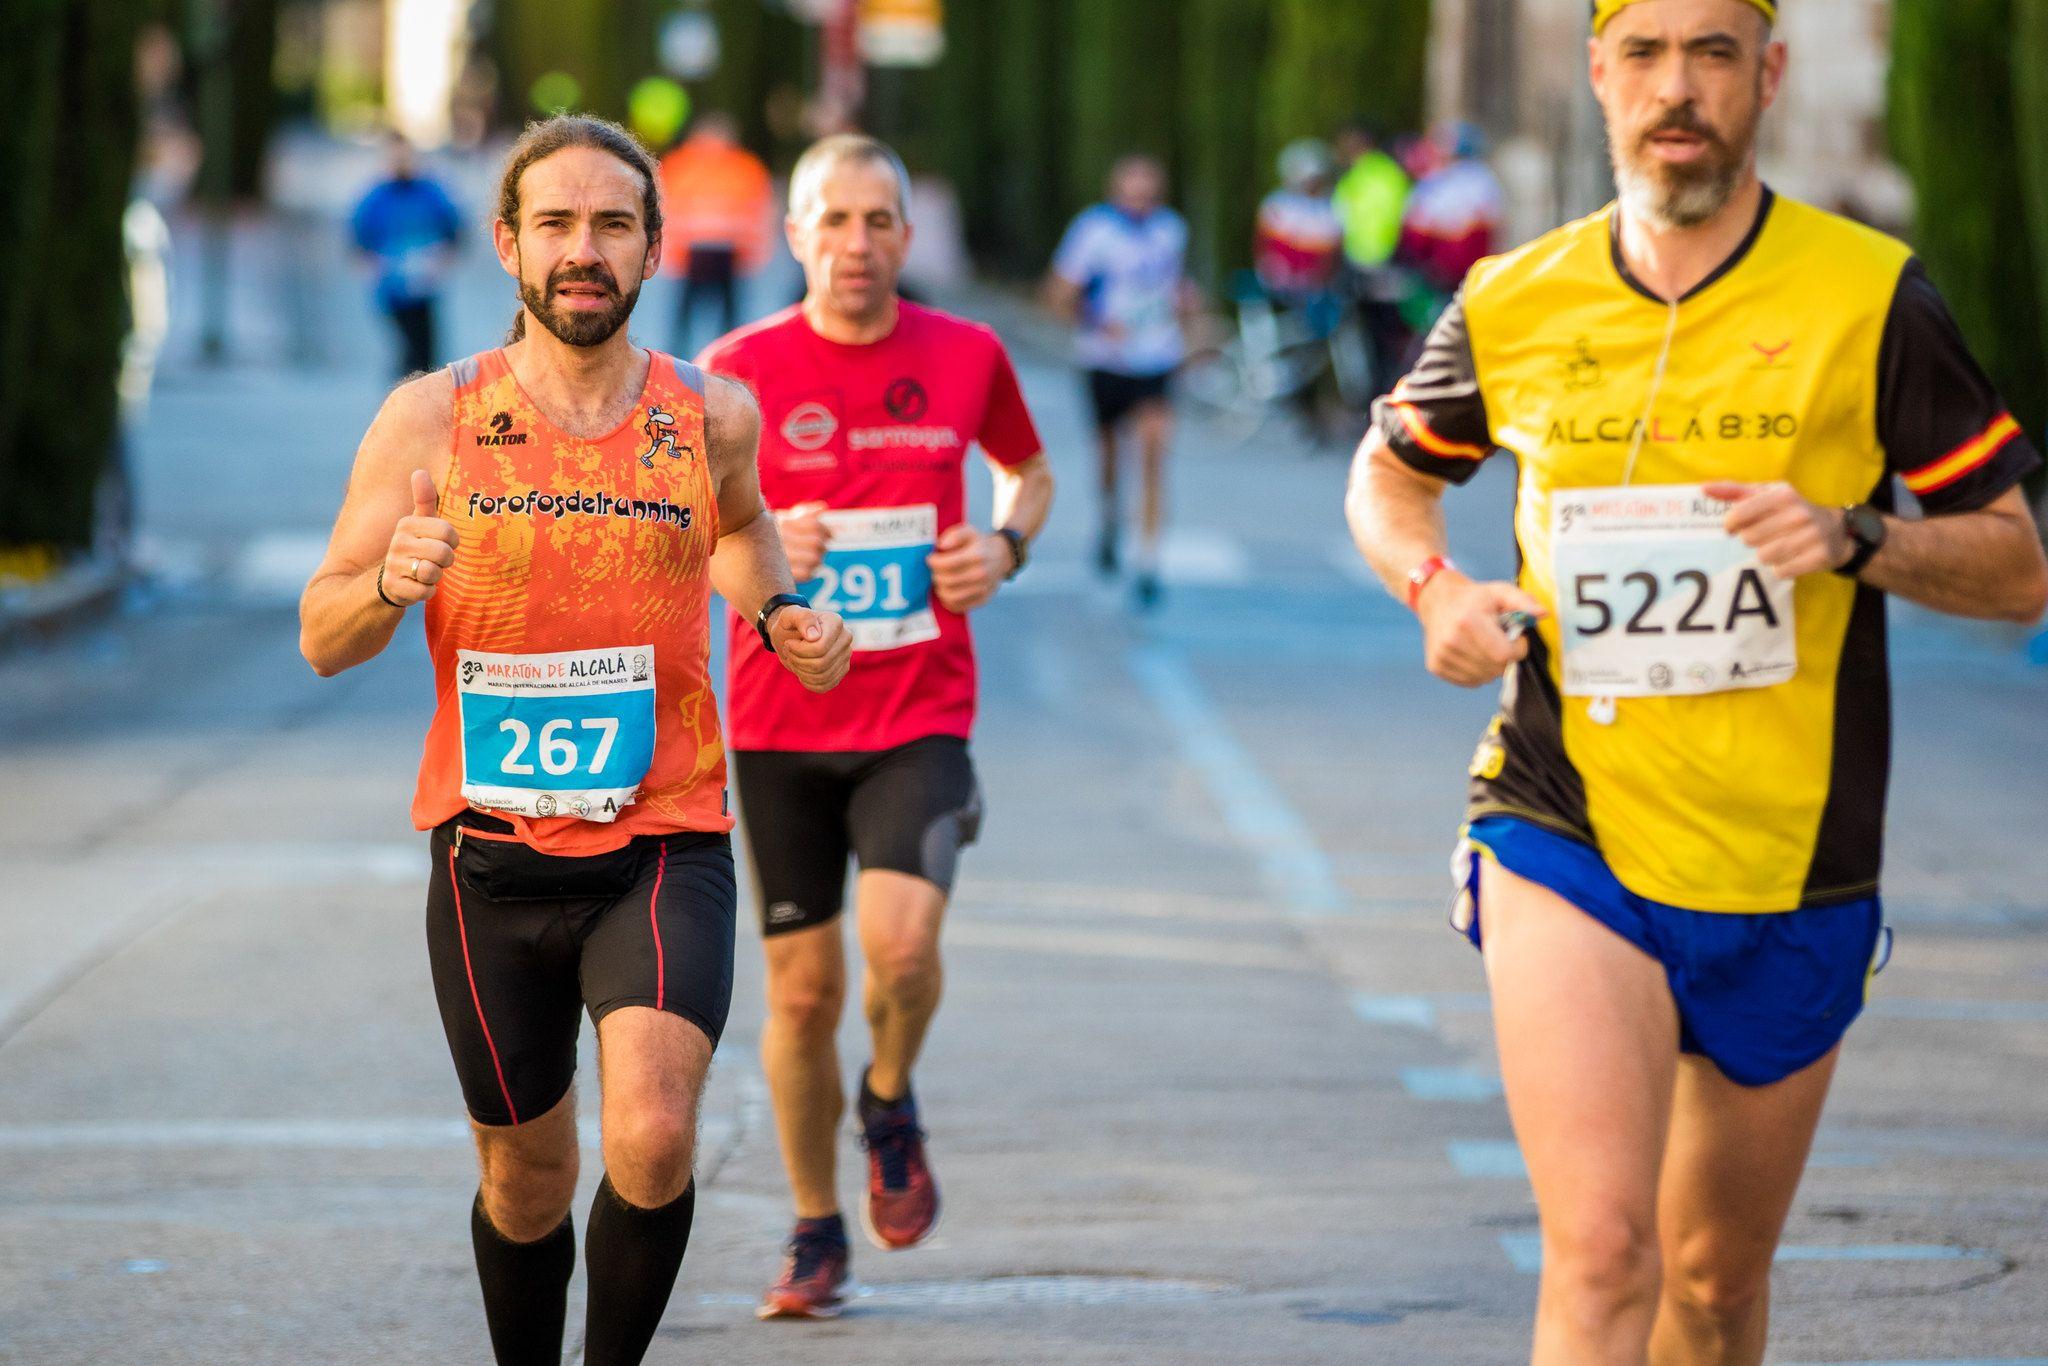 Los corredores debemos guardar un respeto a los demás en una carrera